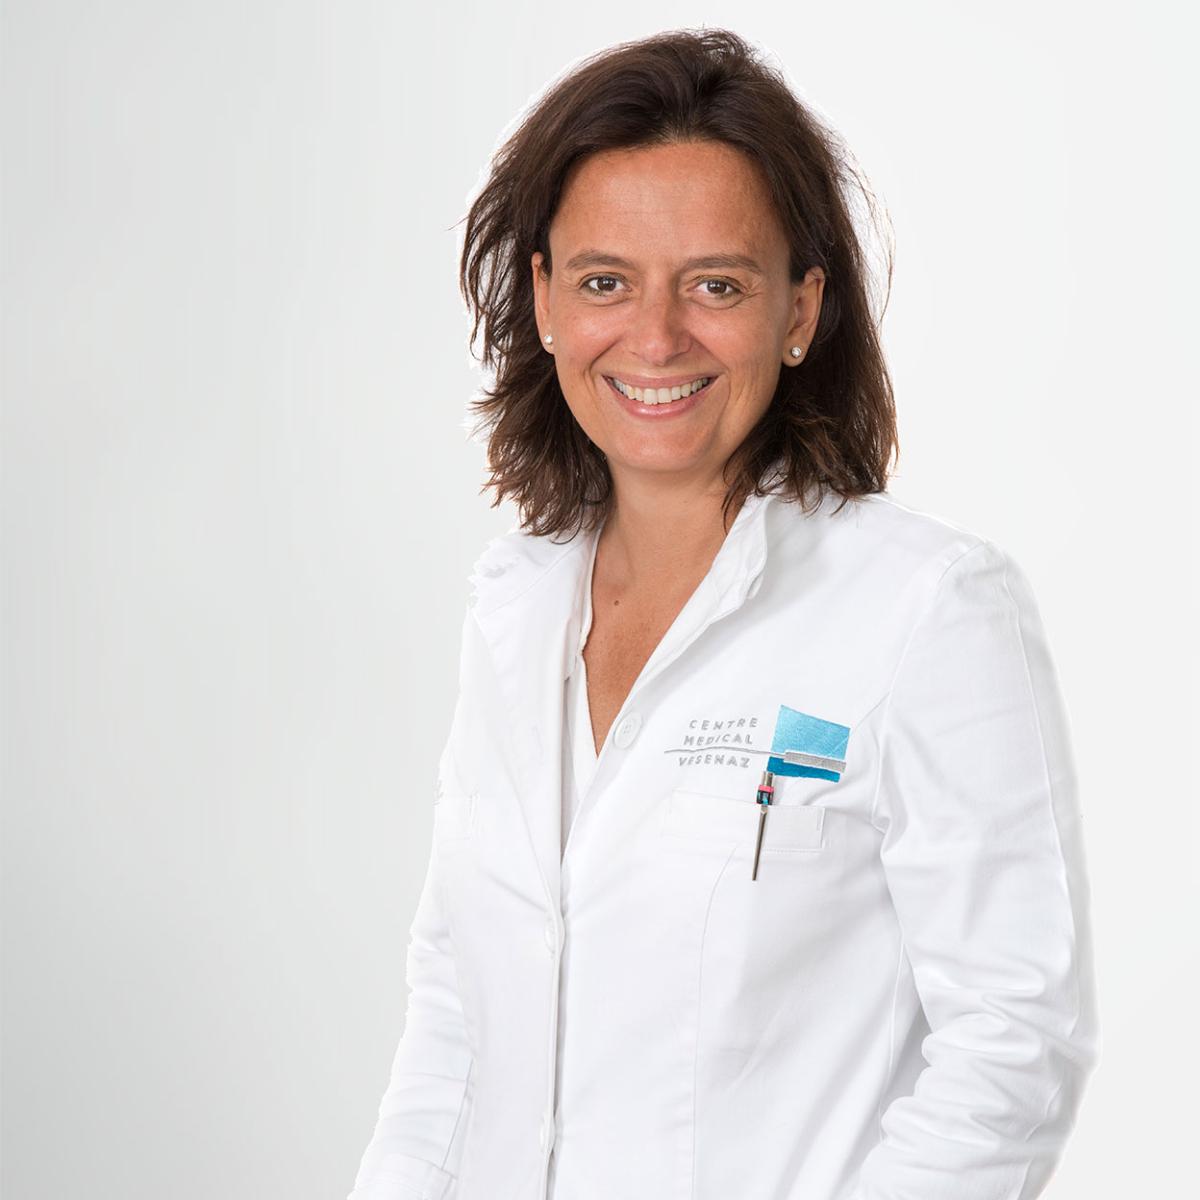 Dr Donatella CIUFFREDA-BÜHLER